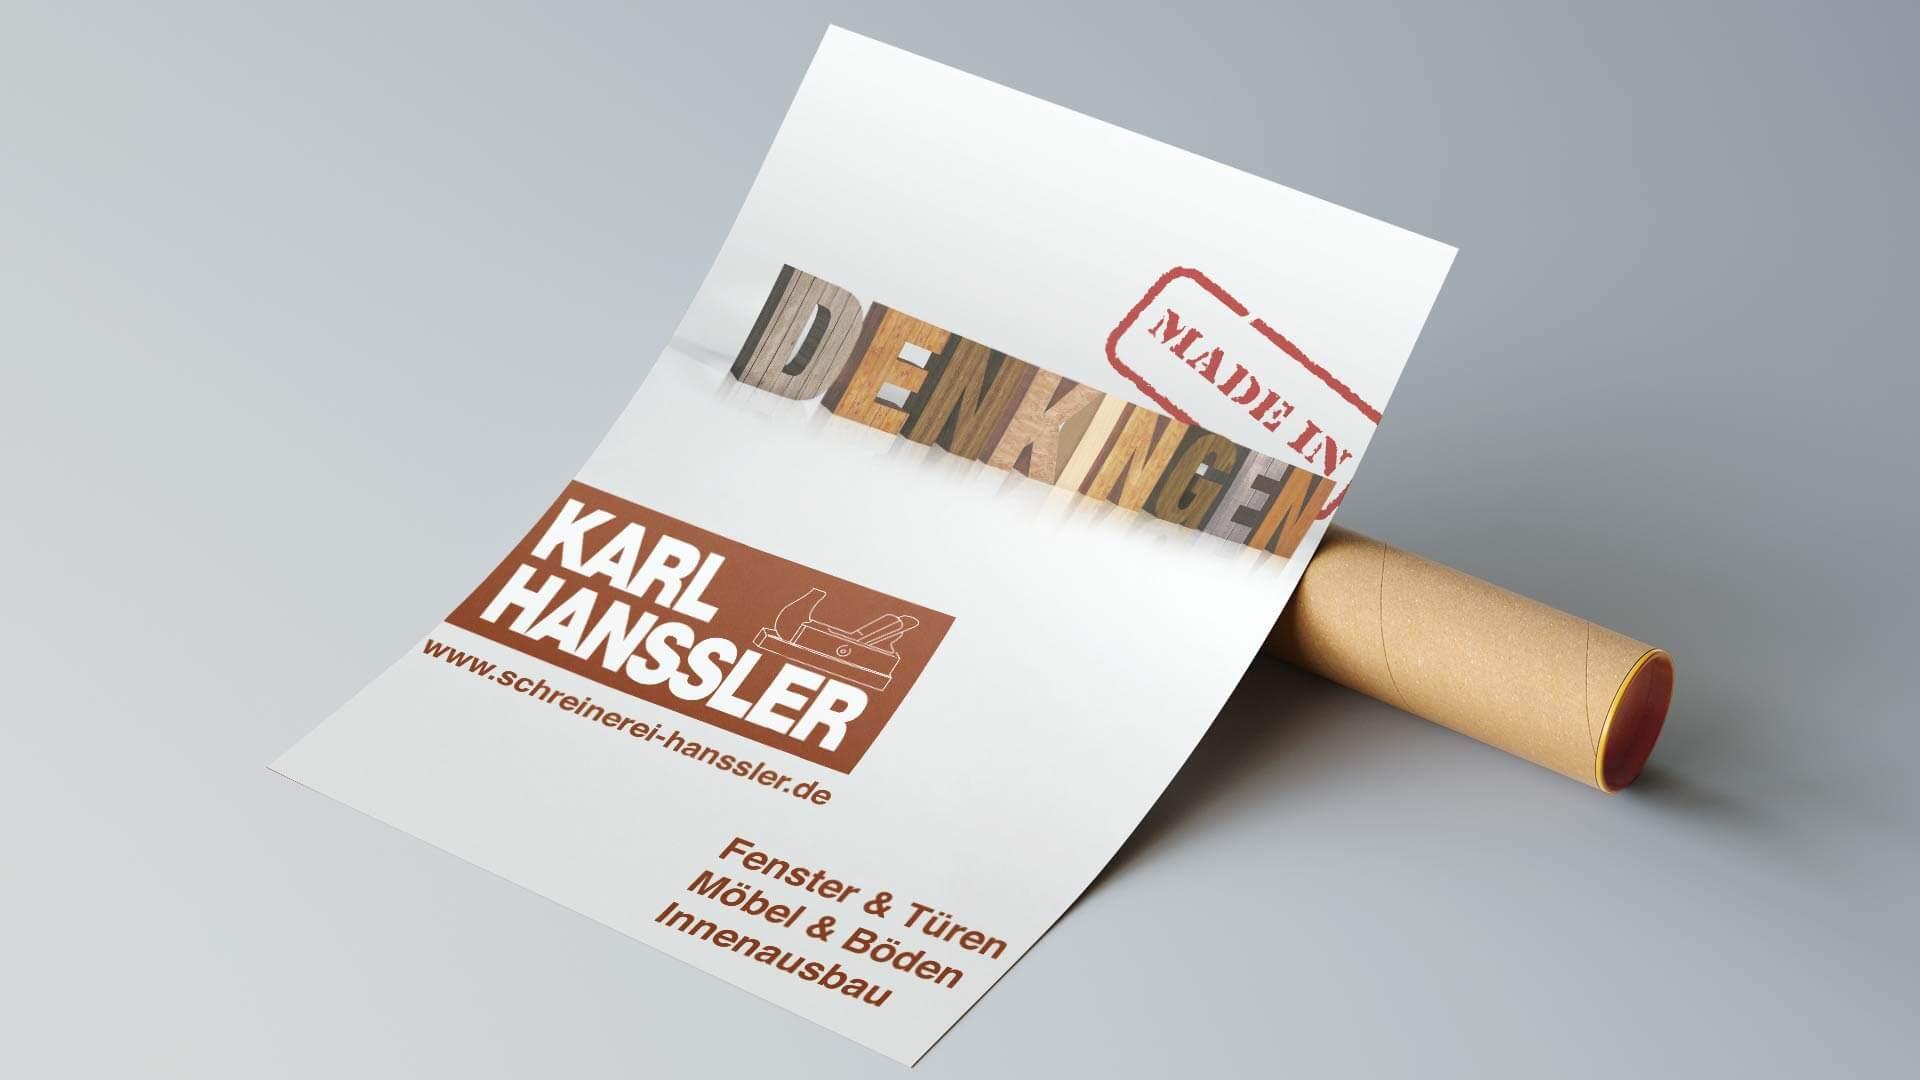 Plakat Schreinerei Hanssler